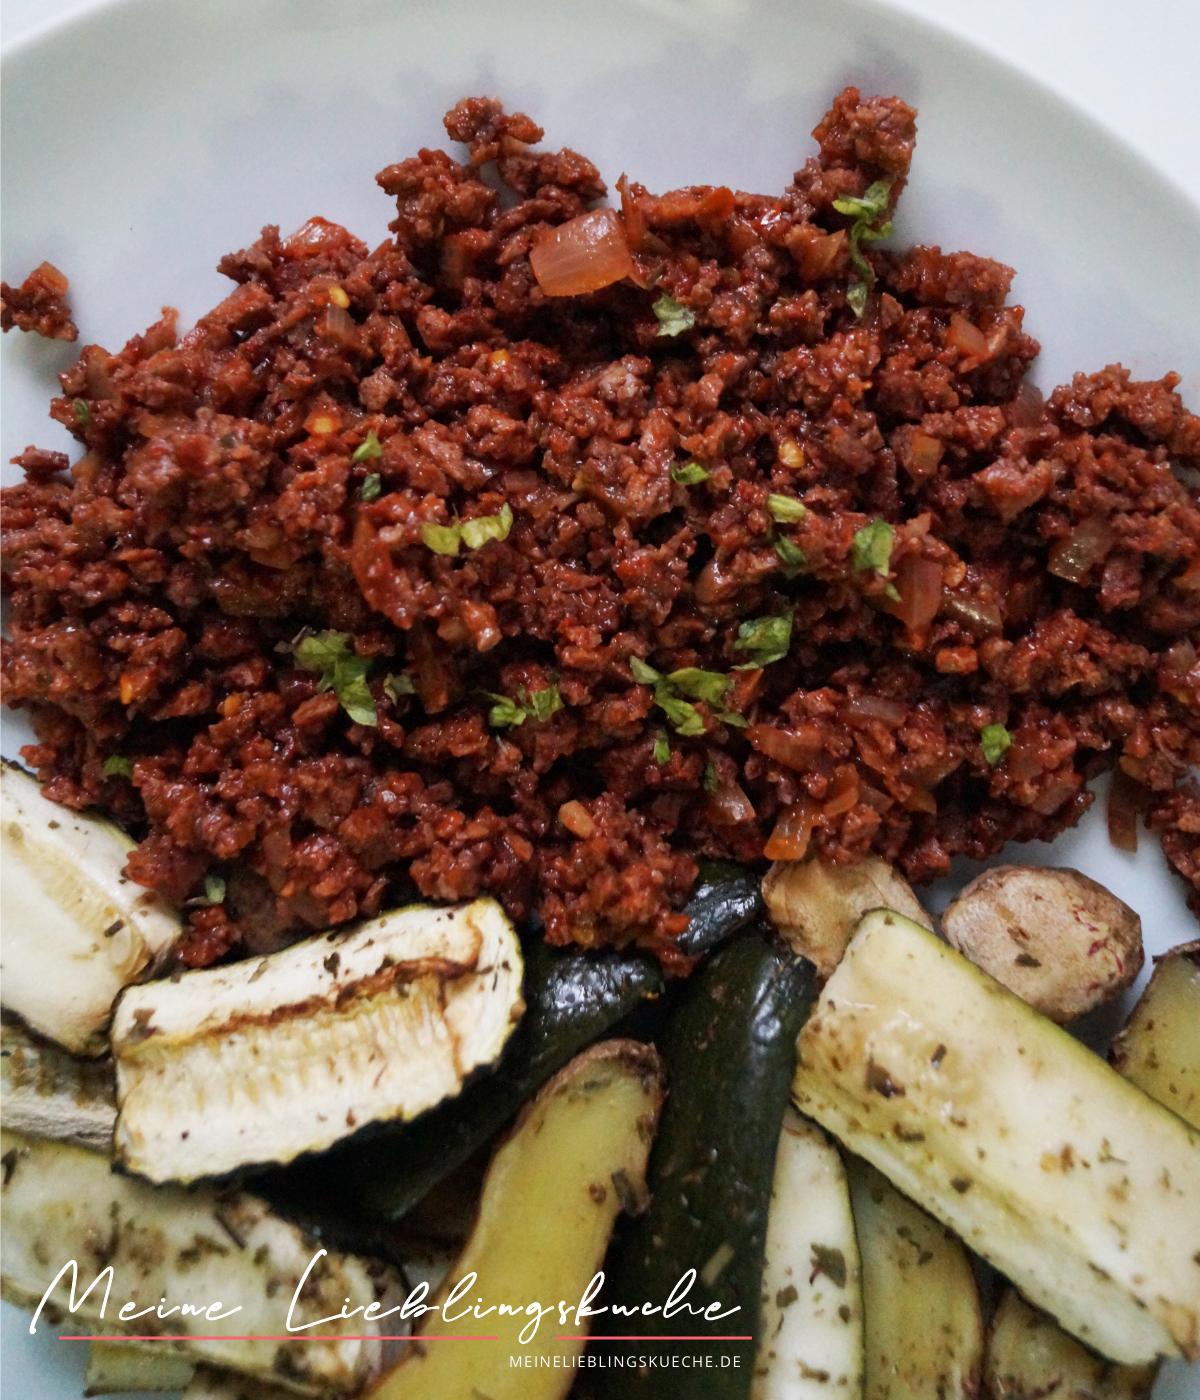 Soja-Tomaten Ragout mit Kartoffelecken und Zucchinispalten